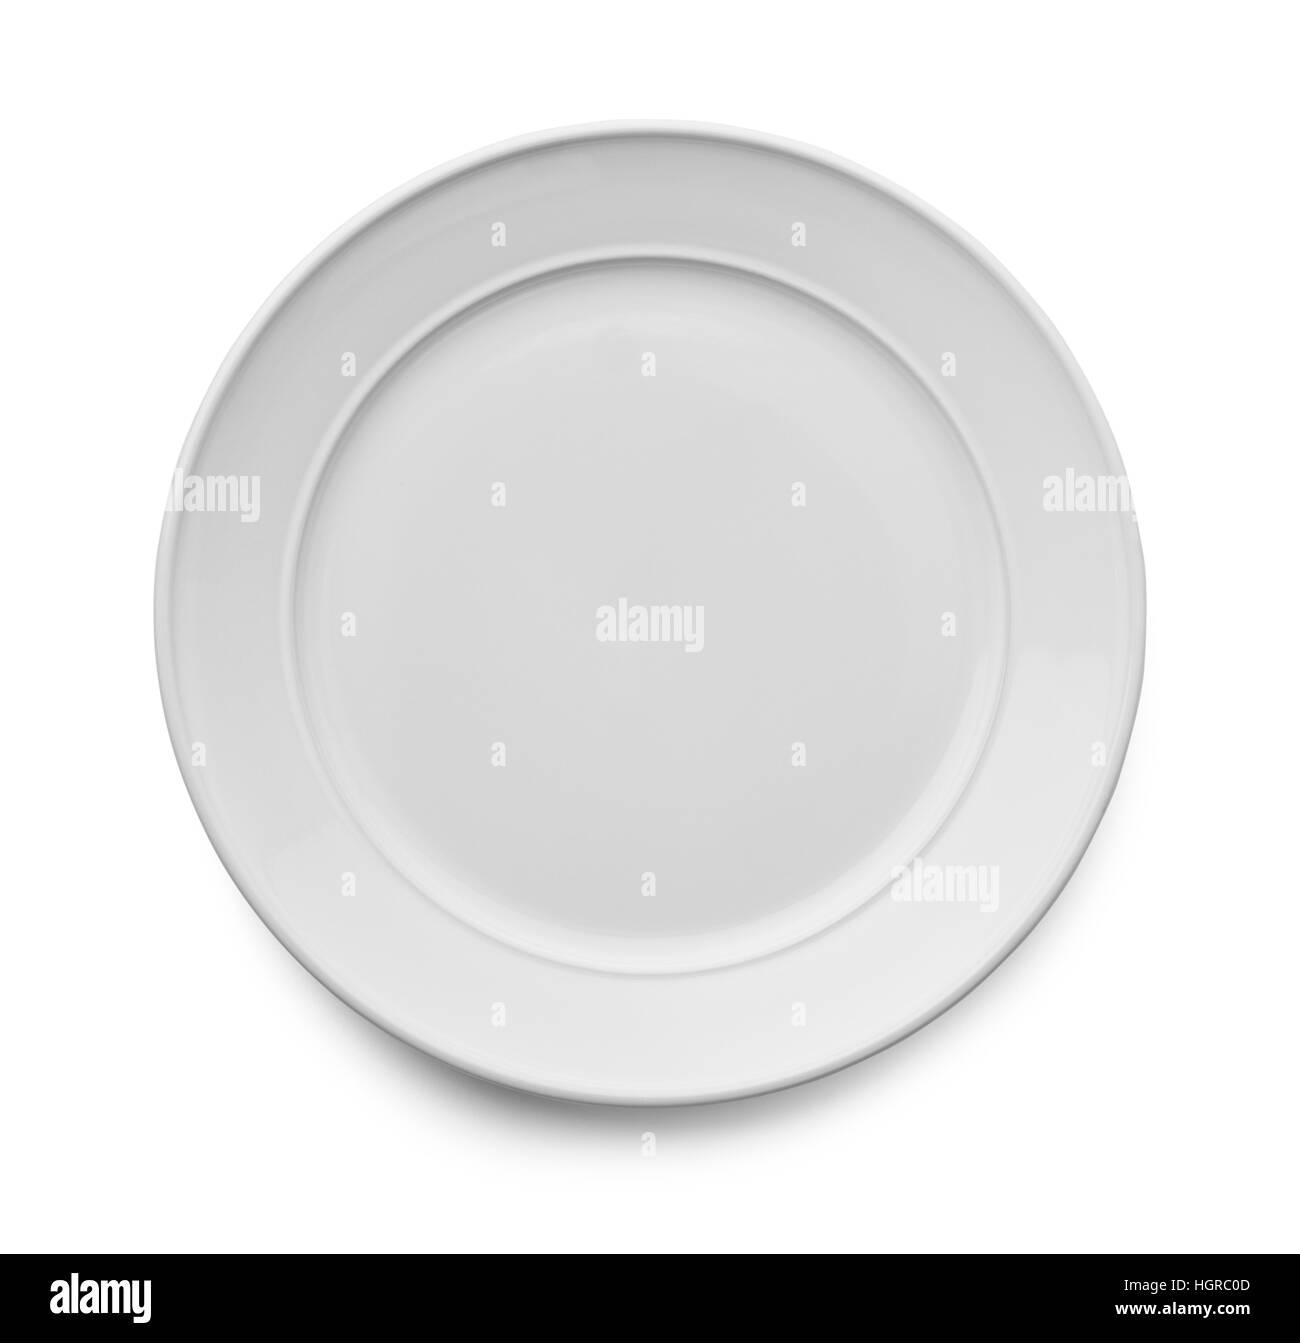 Plaque en céramique blanc isolé sur fond blanc. Photo Stock